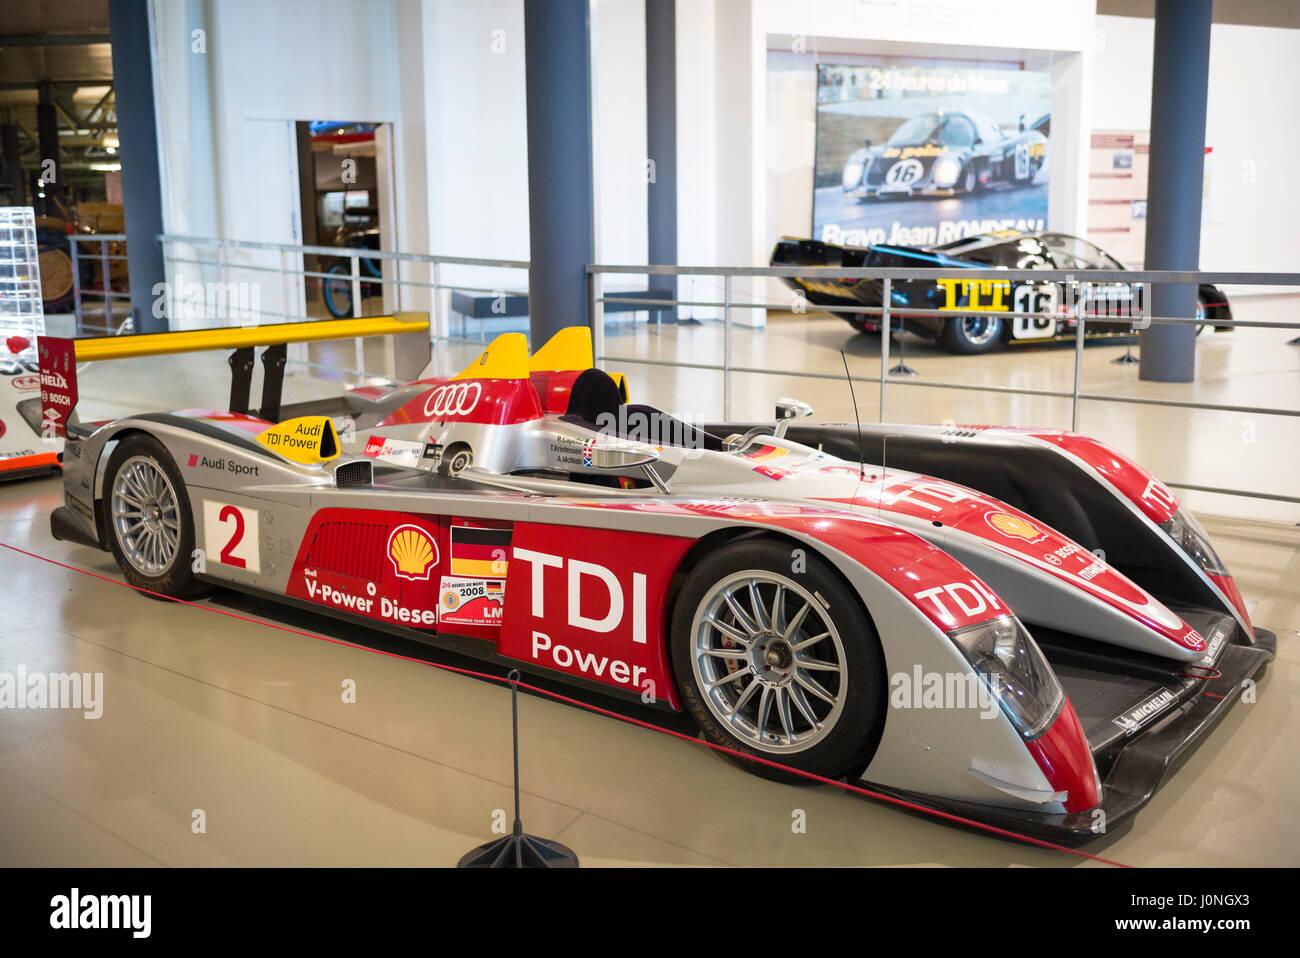 Kelebihan Kekurangan Audi R10 Top Model Tahun Ini